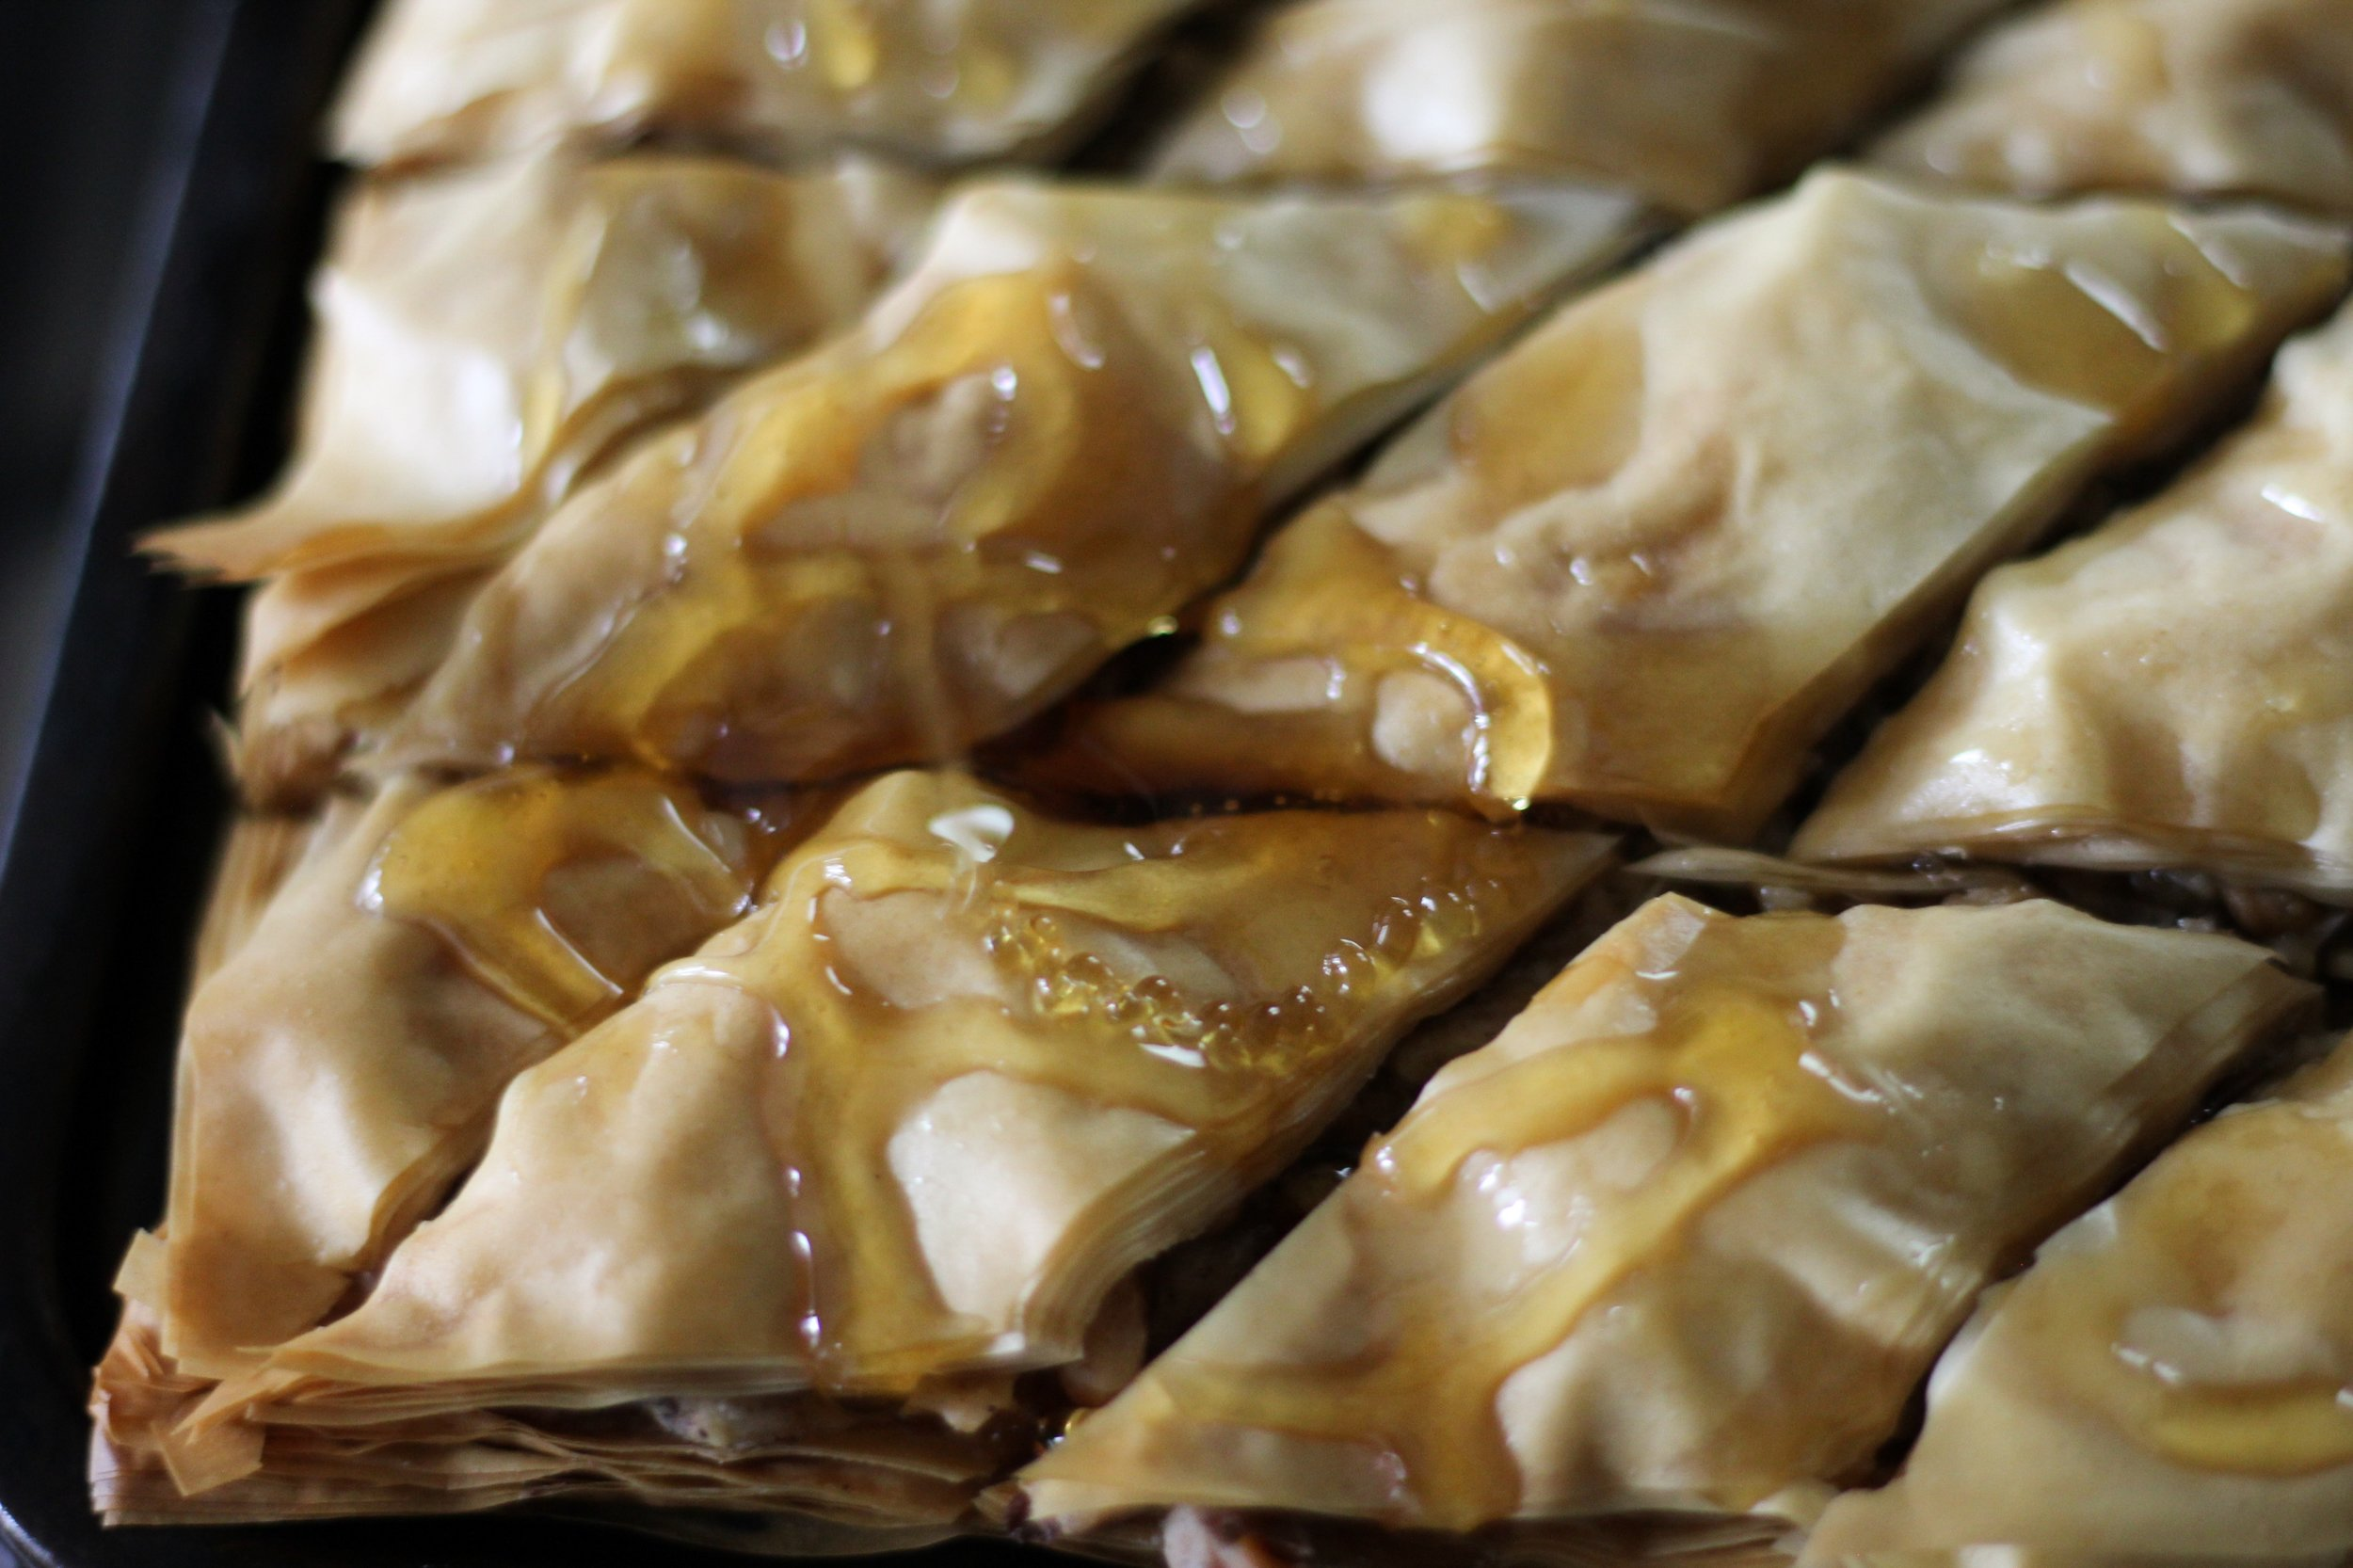 Pouring Honey on Baklava